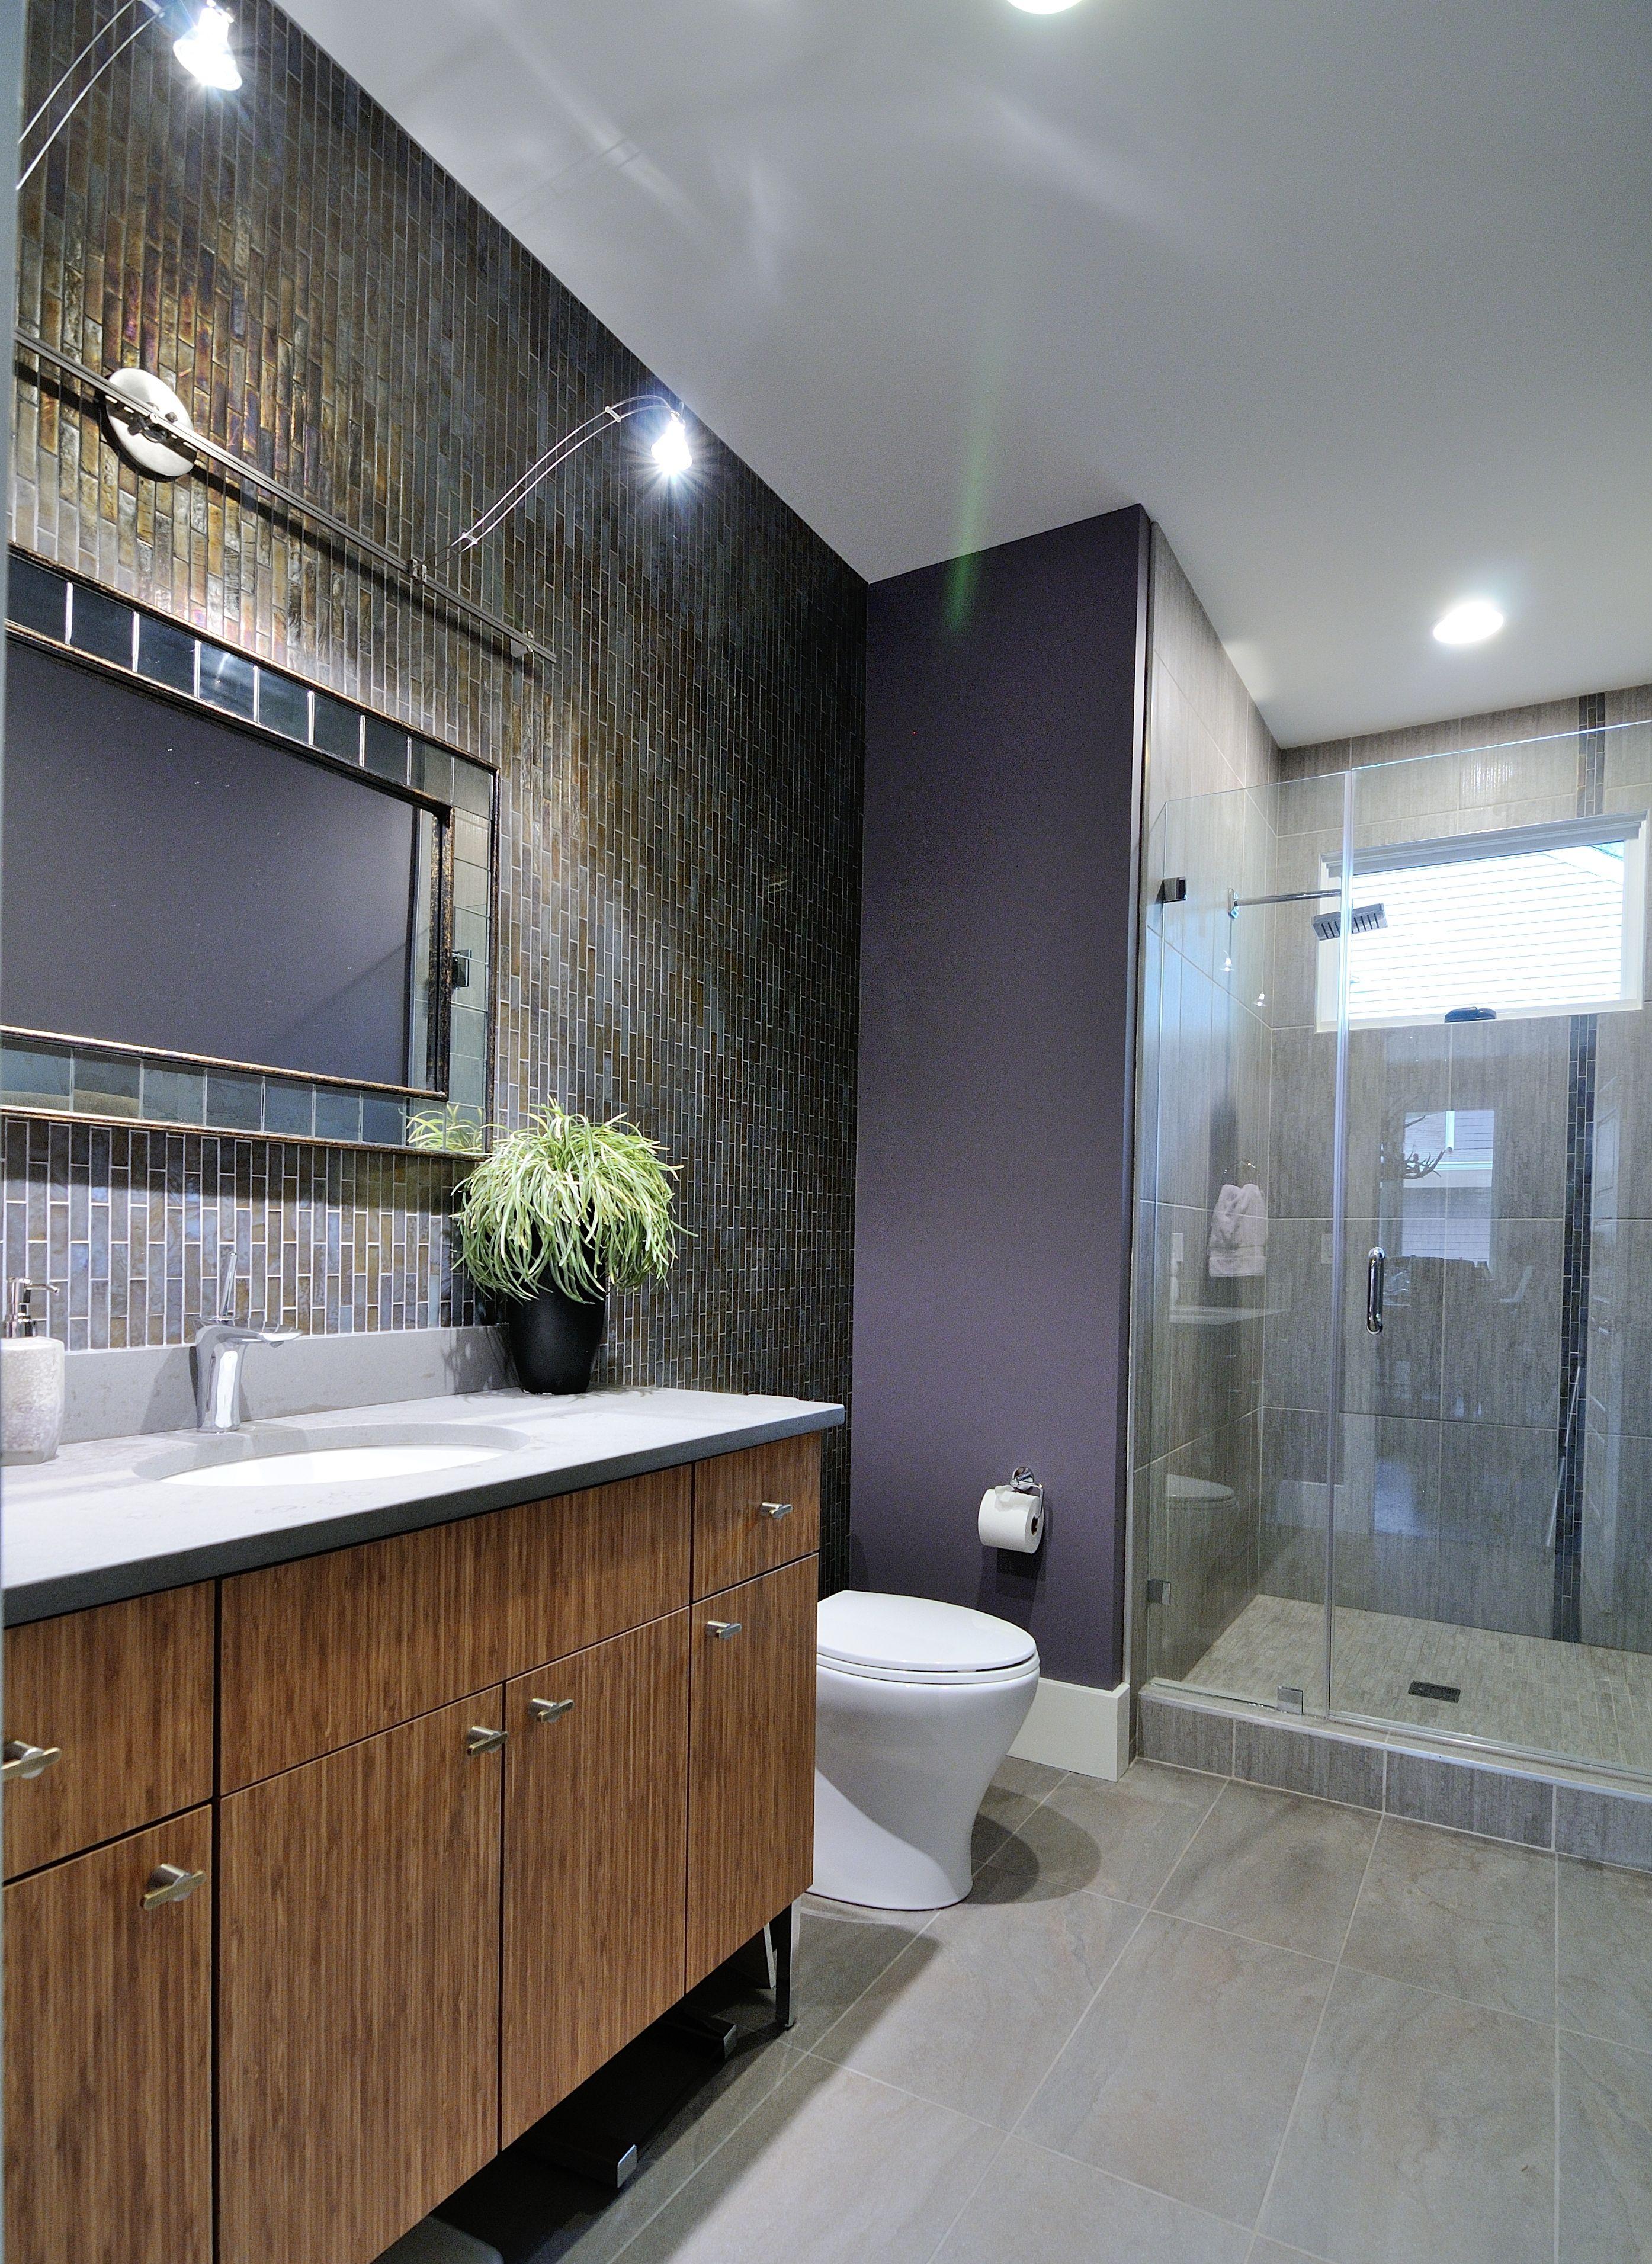 Pebble CaesarStone Bathroom Countertop By Atlanta Kitchen - Bathroom design atlanta